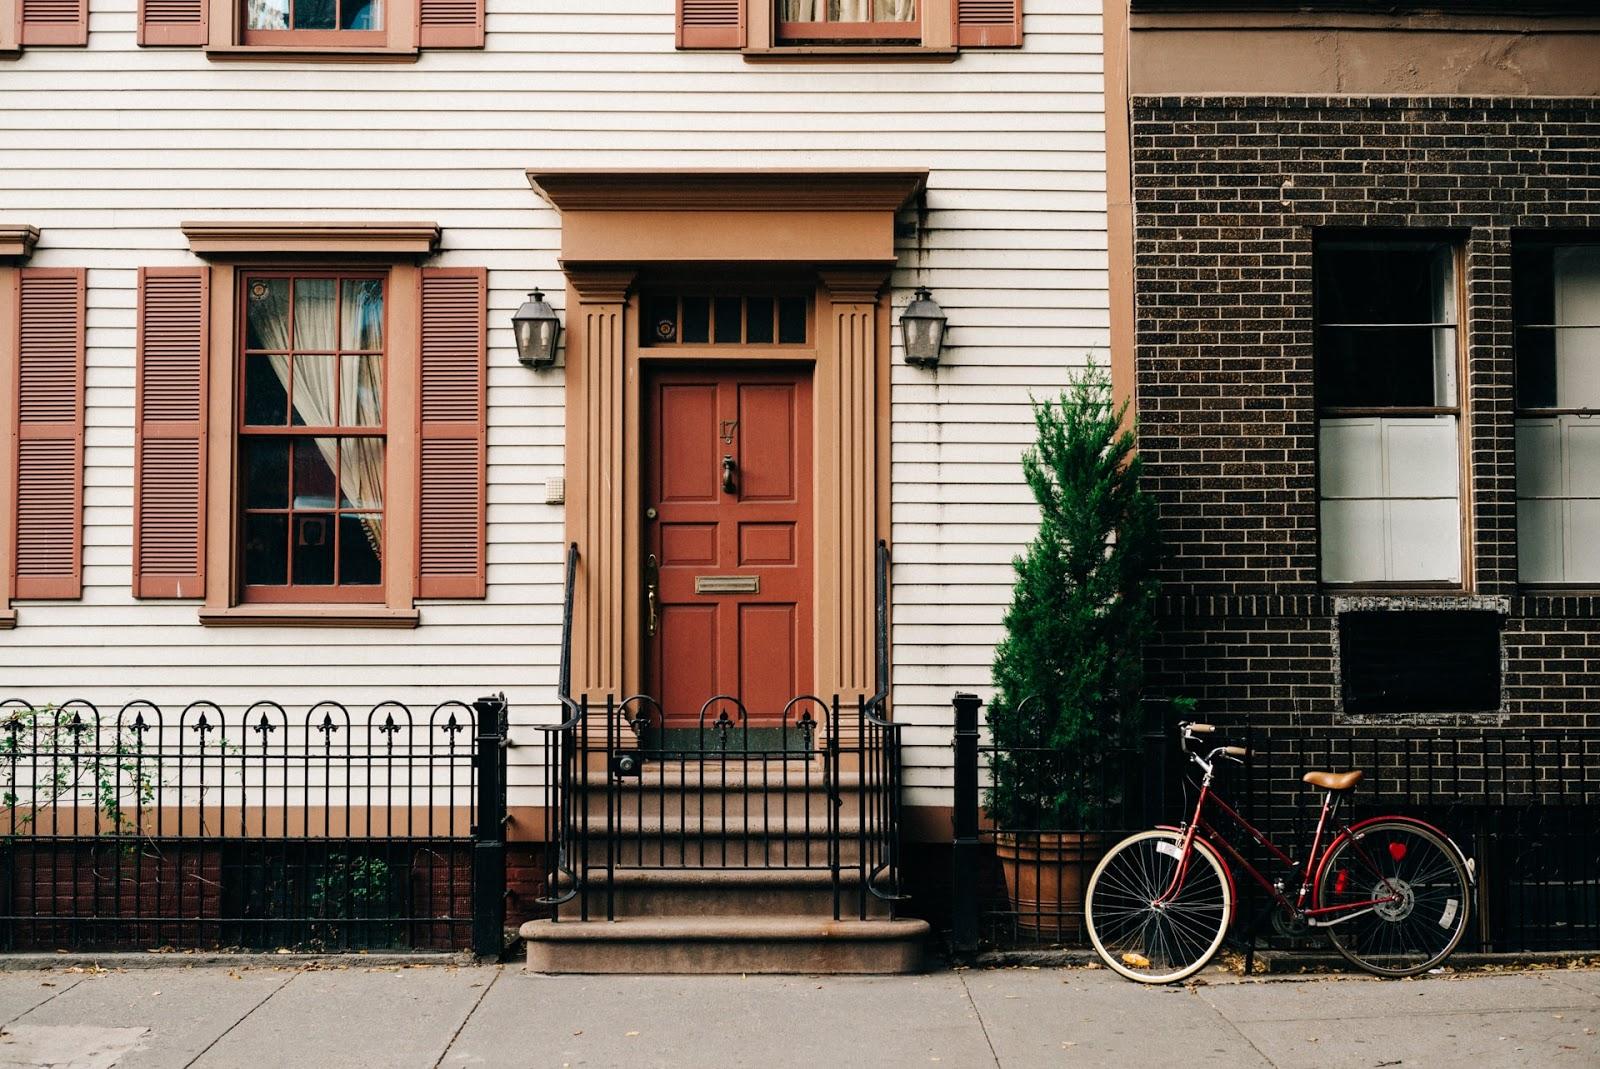 Vista del apartamento sin ascensor con una bicicleta y un porche encantador